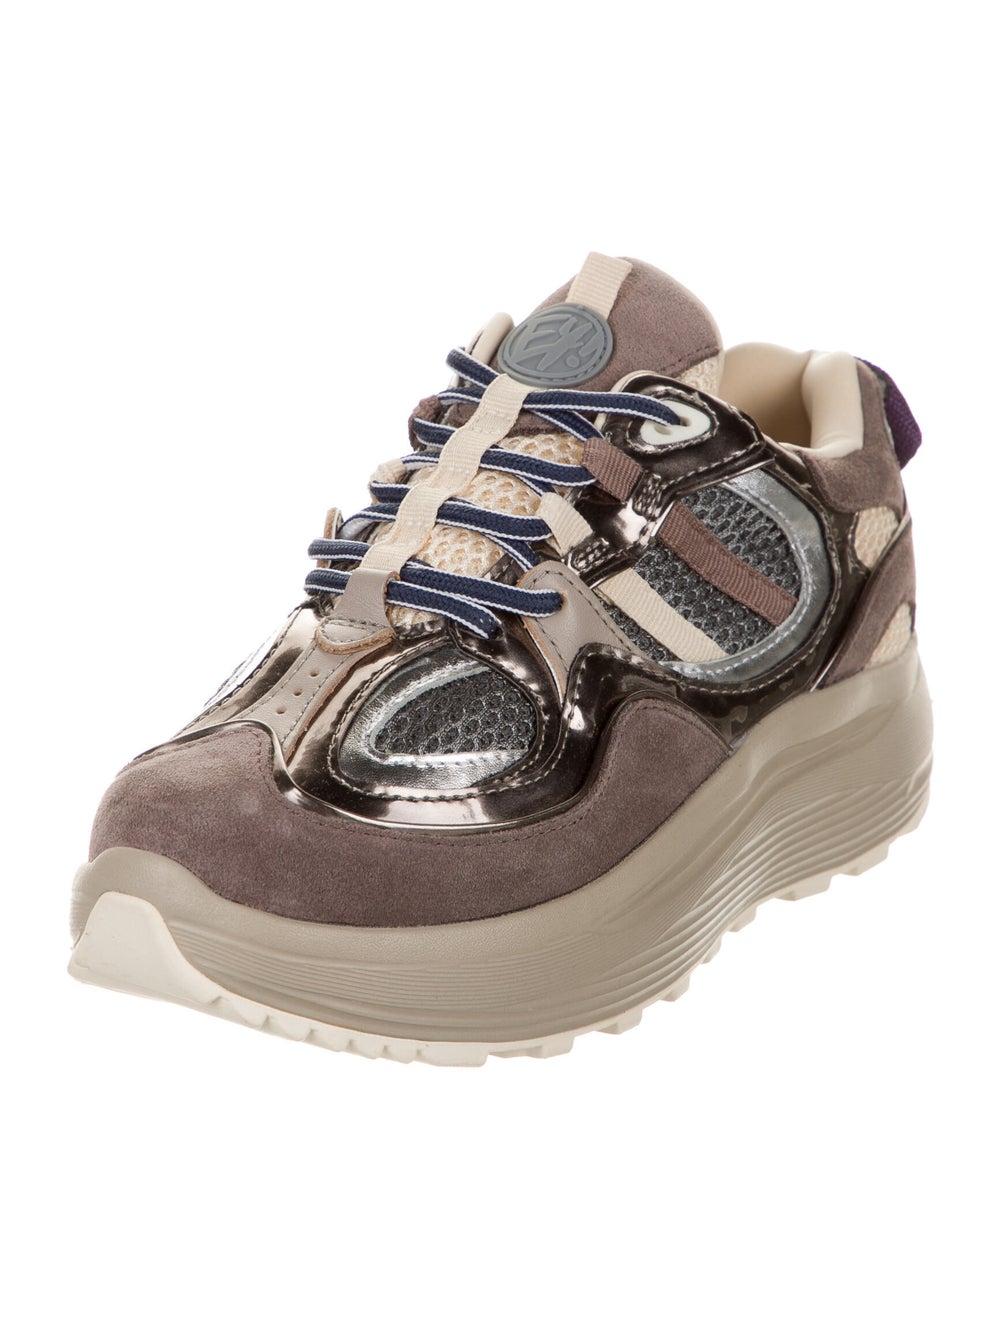 Eytys Jet Turbo Sneakers Brown - image 2